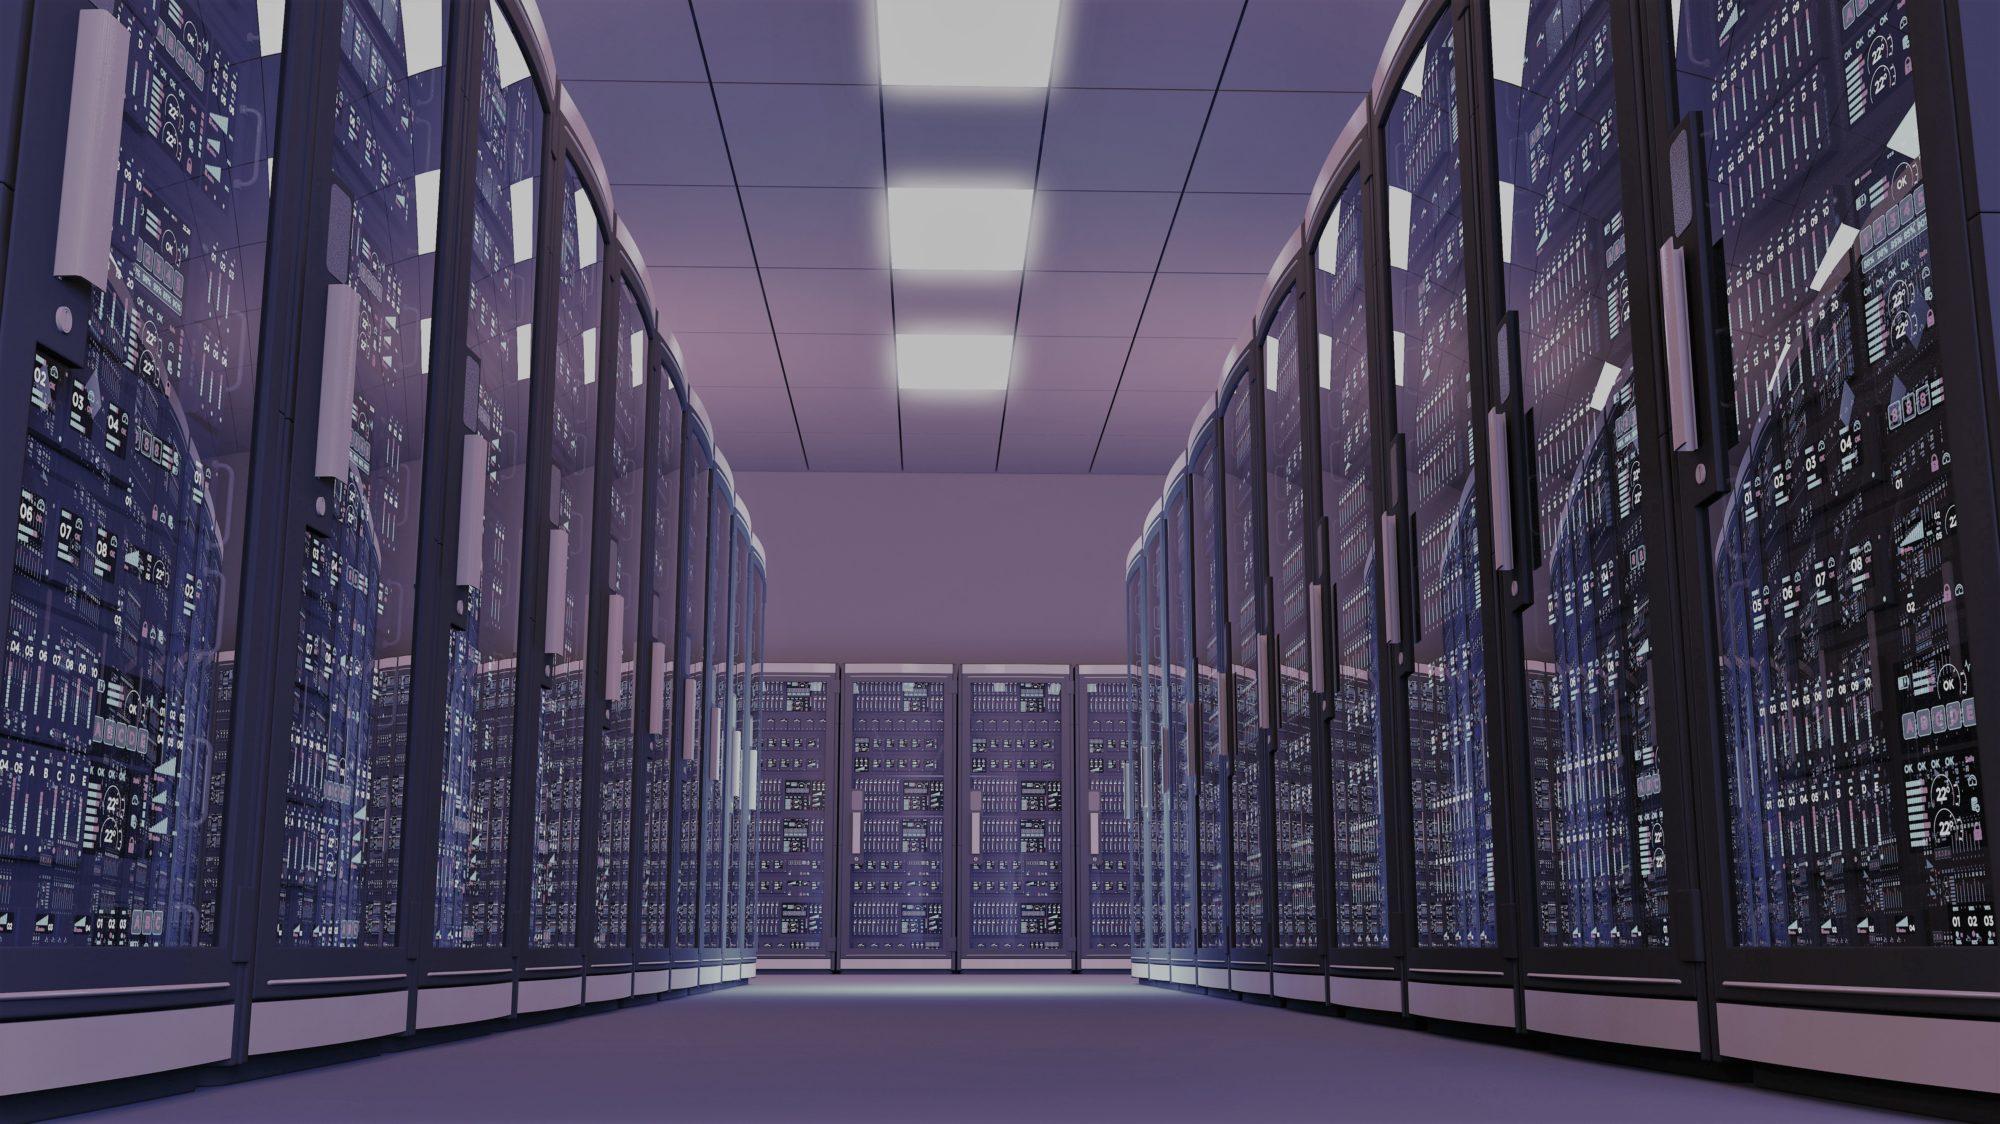 DataCenter-e1481143894627